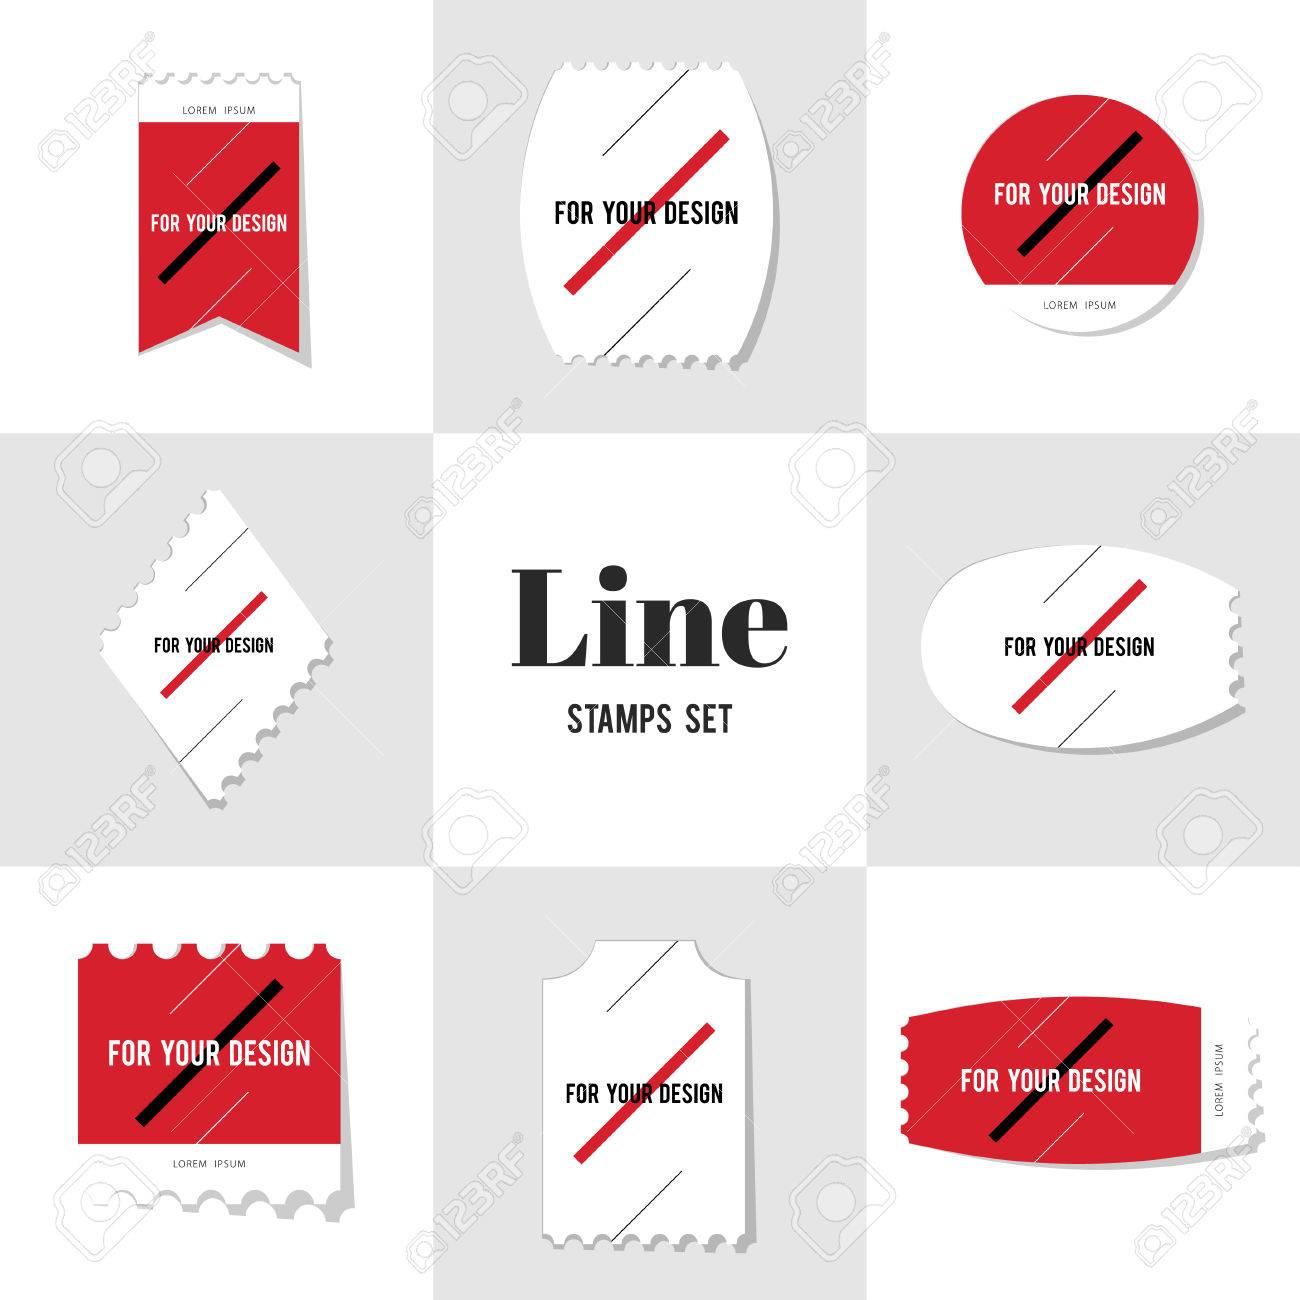 Sammlung Diagonale Linie Für Ihr Design Briefmarke, Karten, Notizen ...